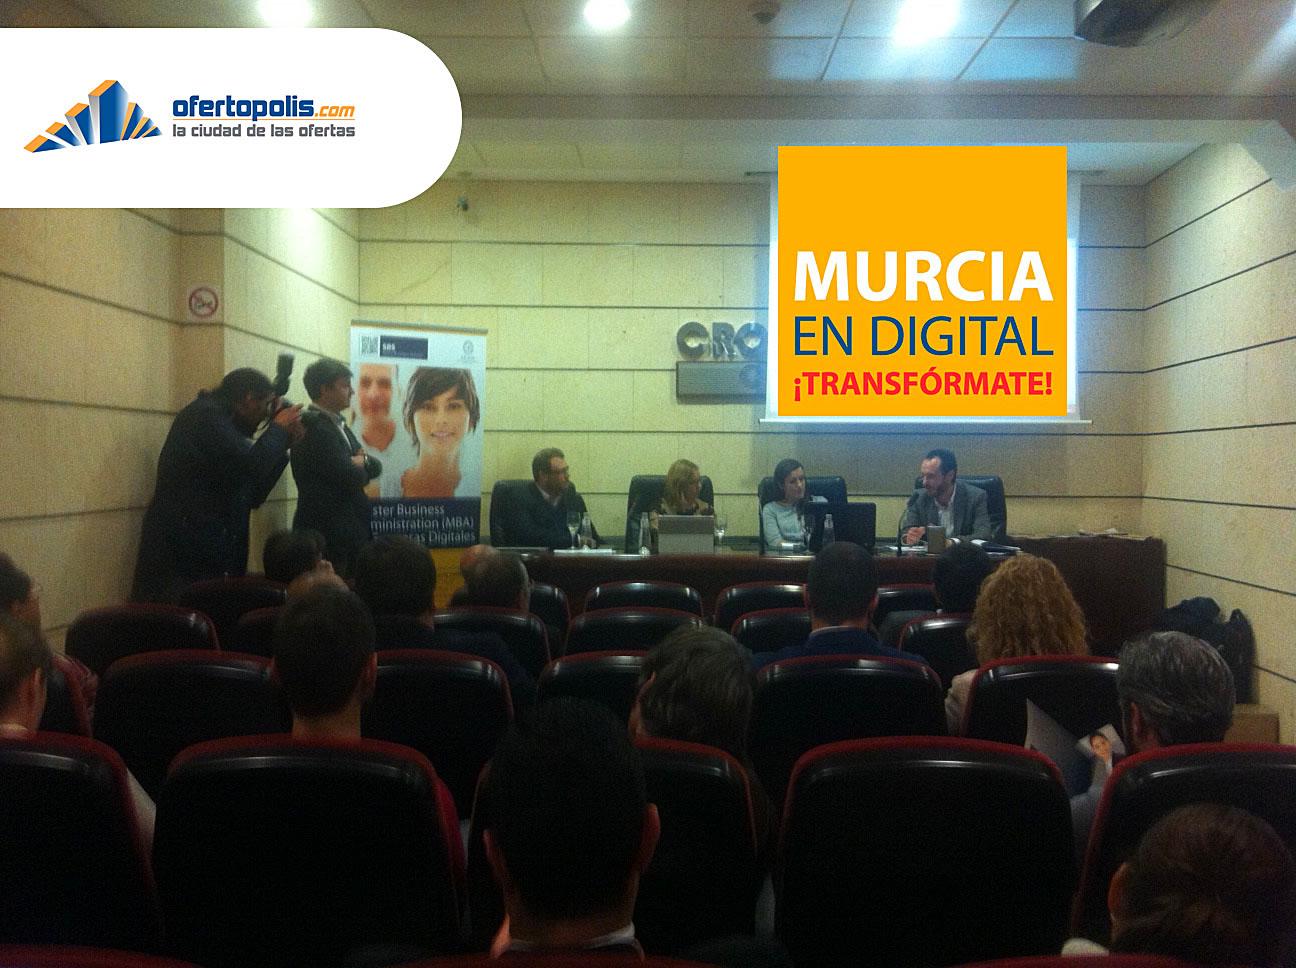 murcia-digital3